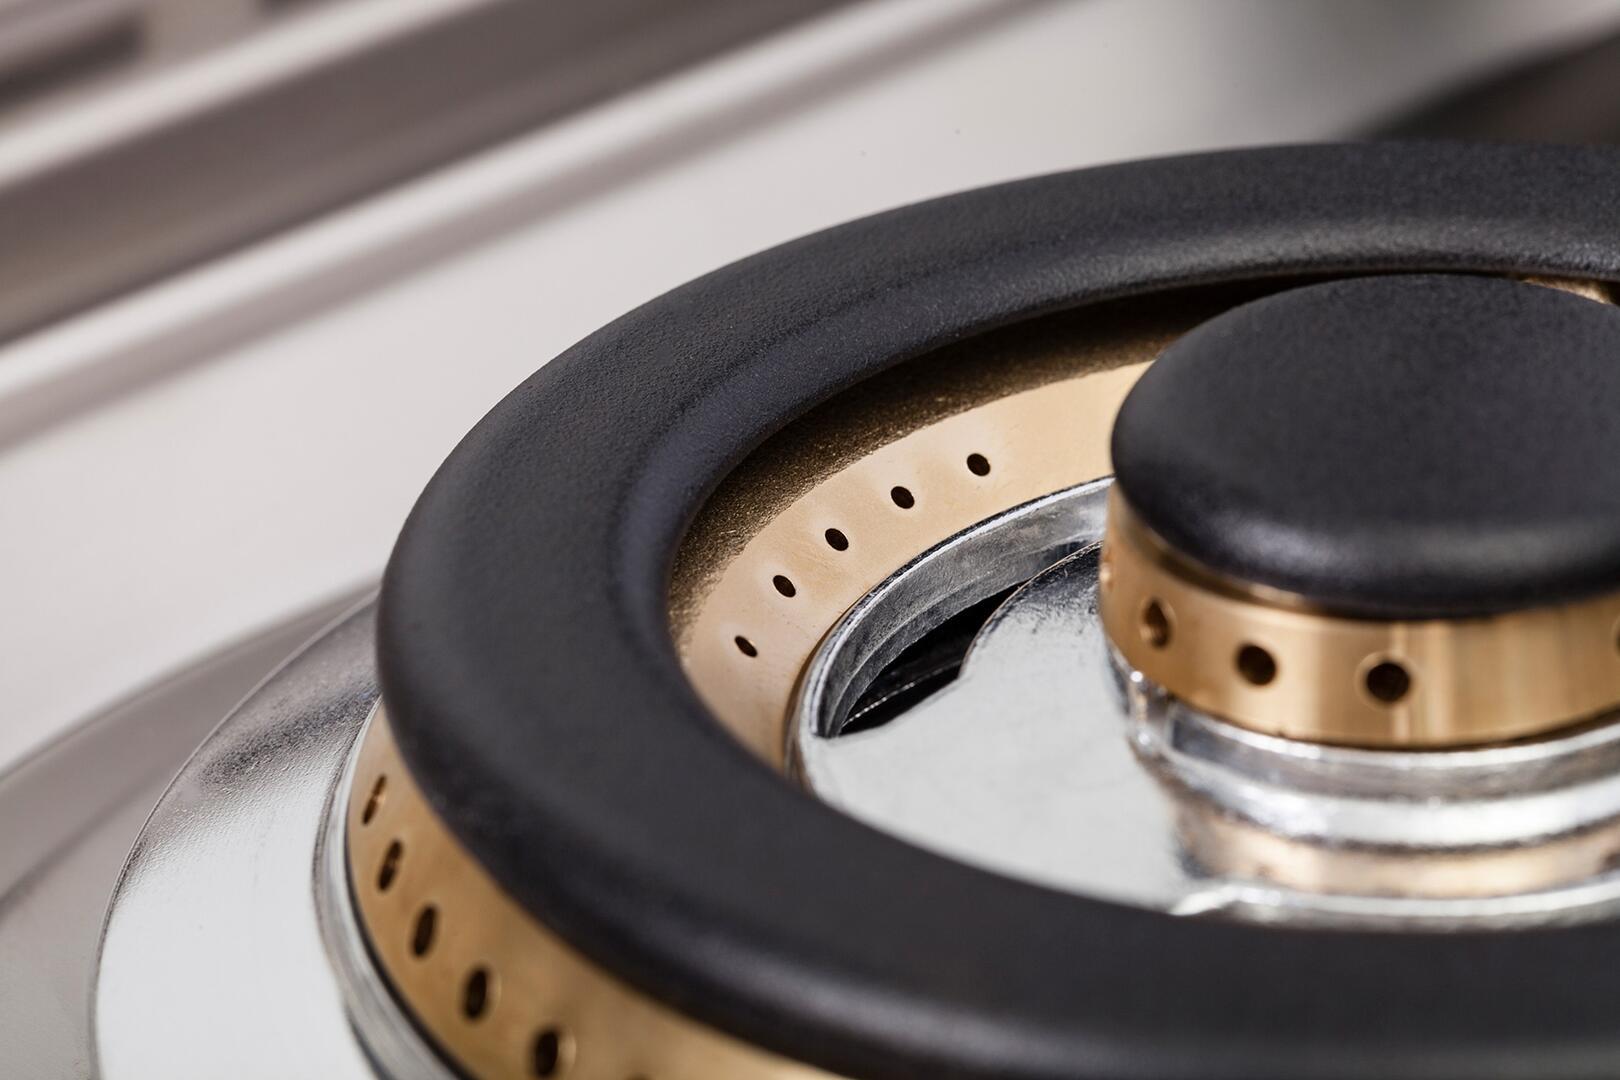 Ilve Nostalgie UPN60DMPN Freestanding Dual Fuel Range Black, 14